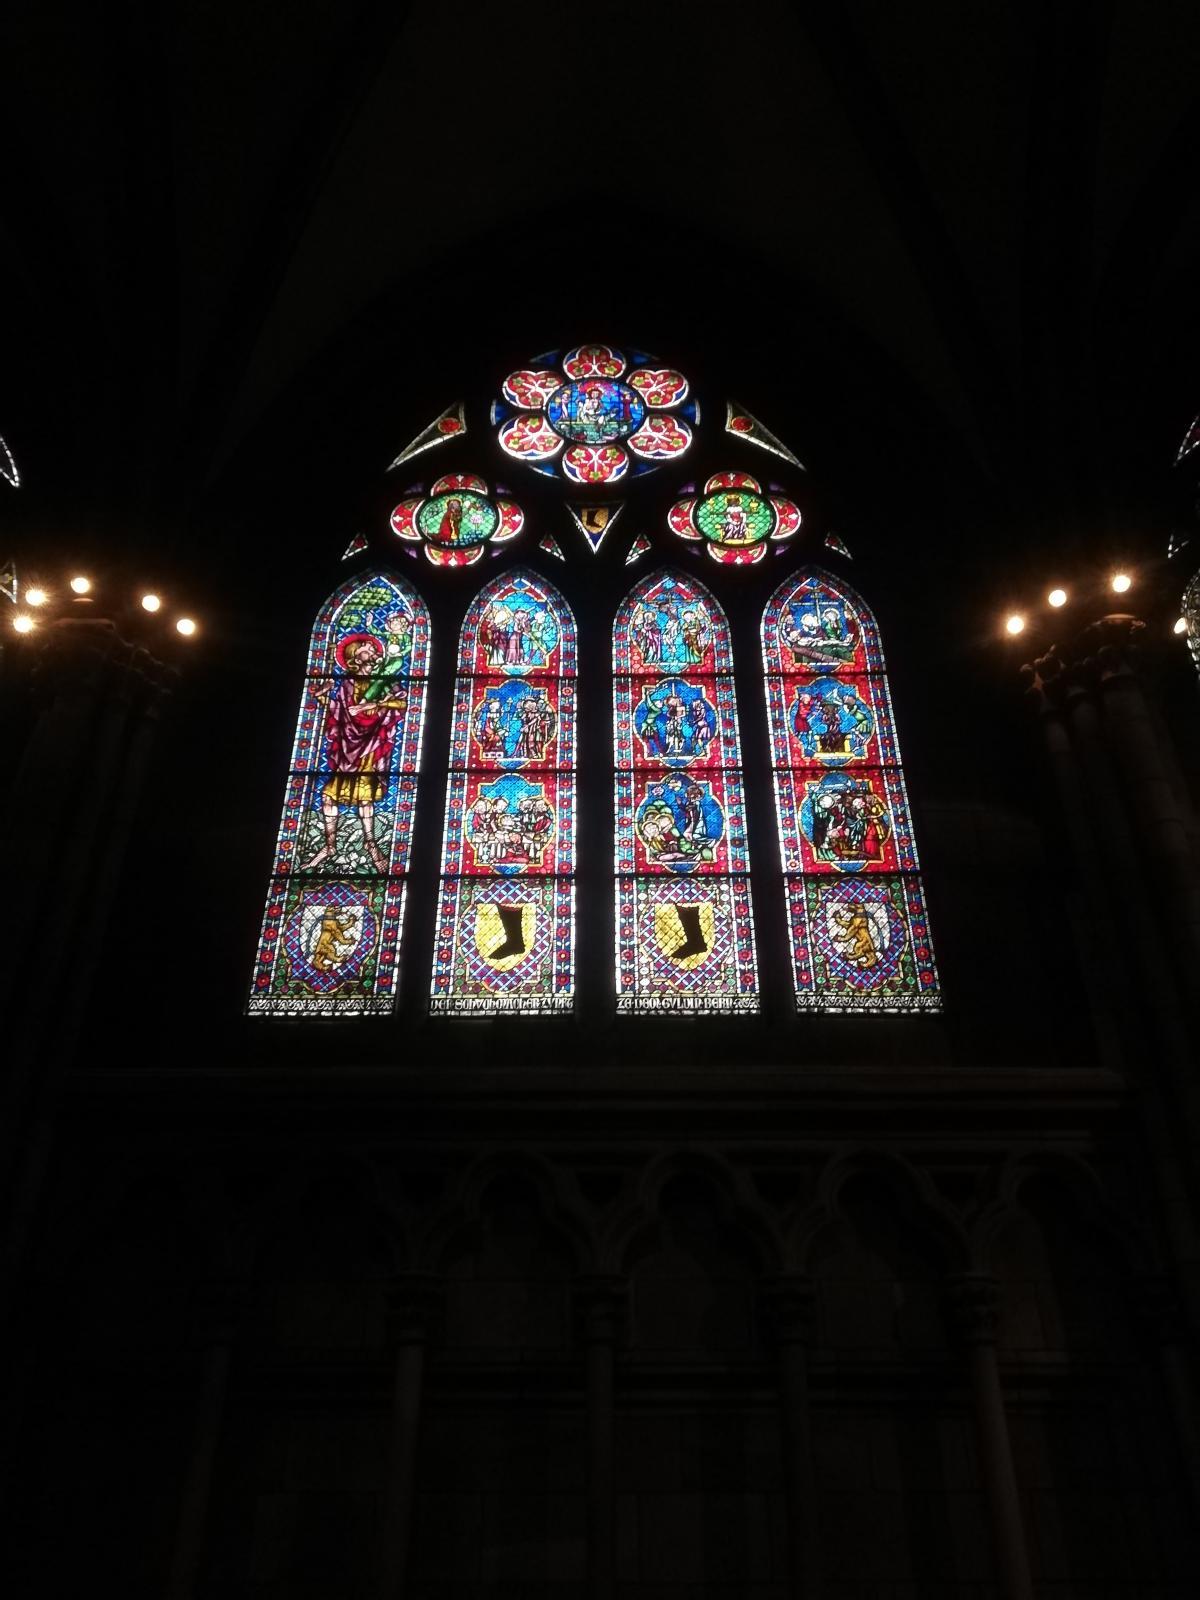 Вітражі всередині собору Фрайбурга / Фото Марина Григоренко